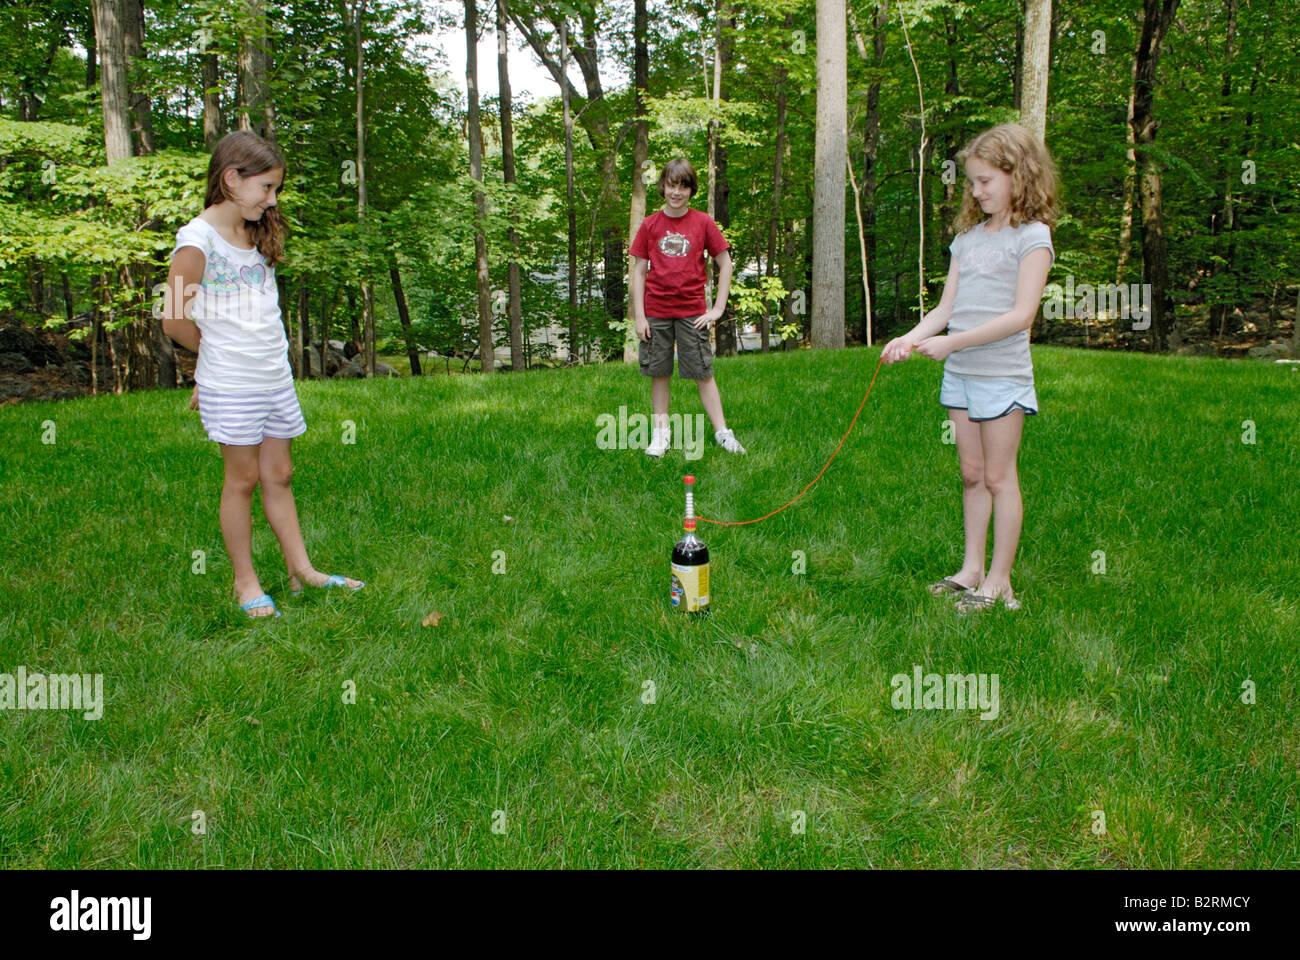 Los niños haciendo un mento de la fuente en el patio de demostraciones de química Imagen De Stock